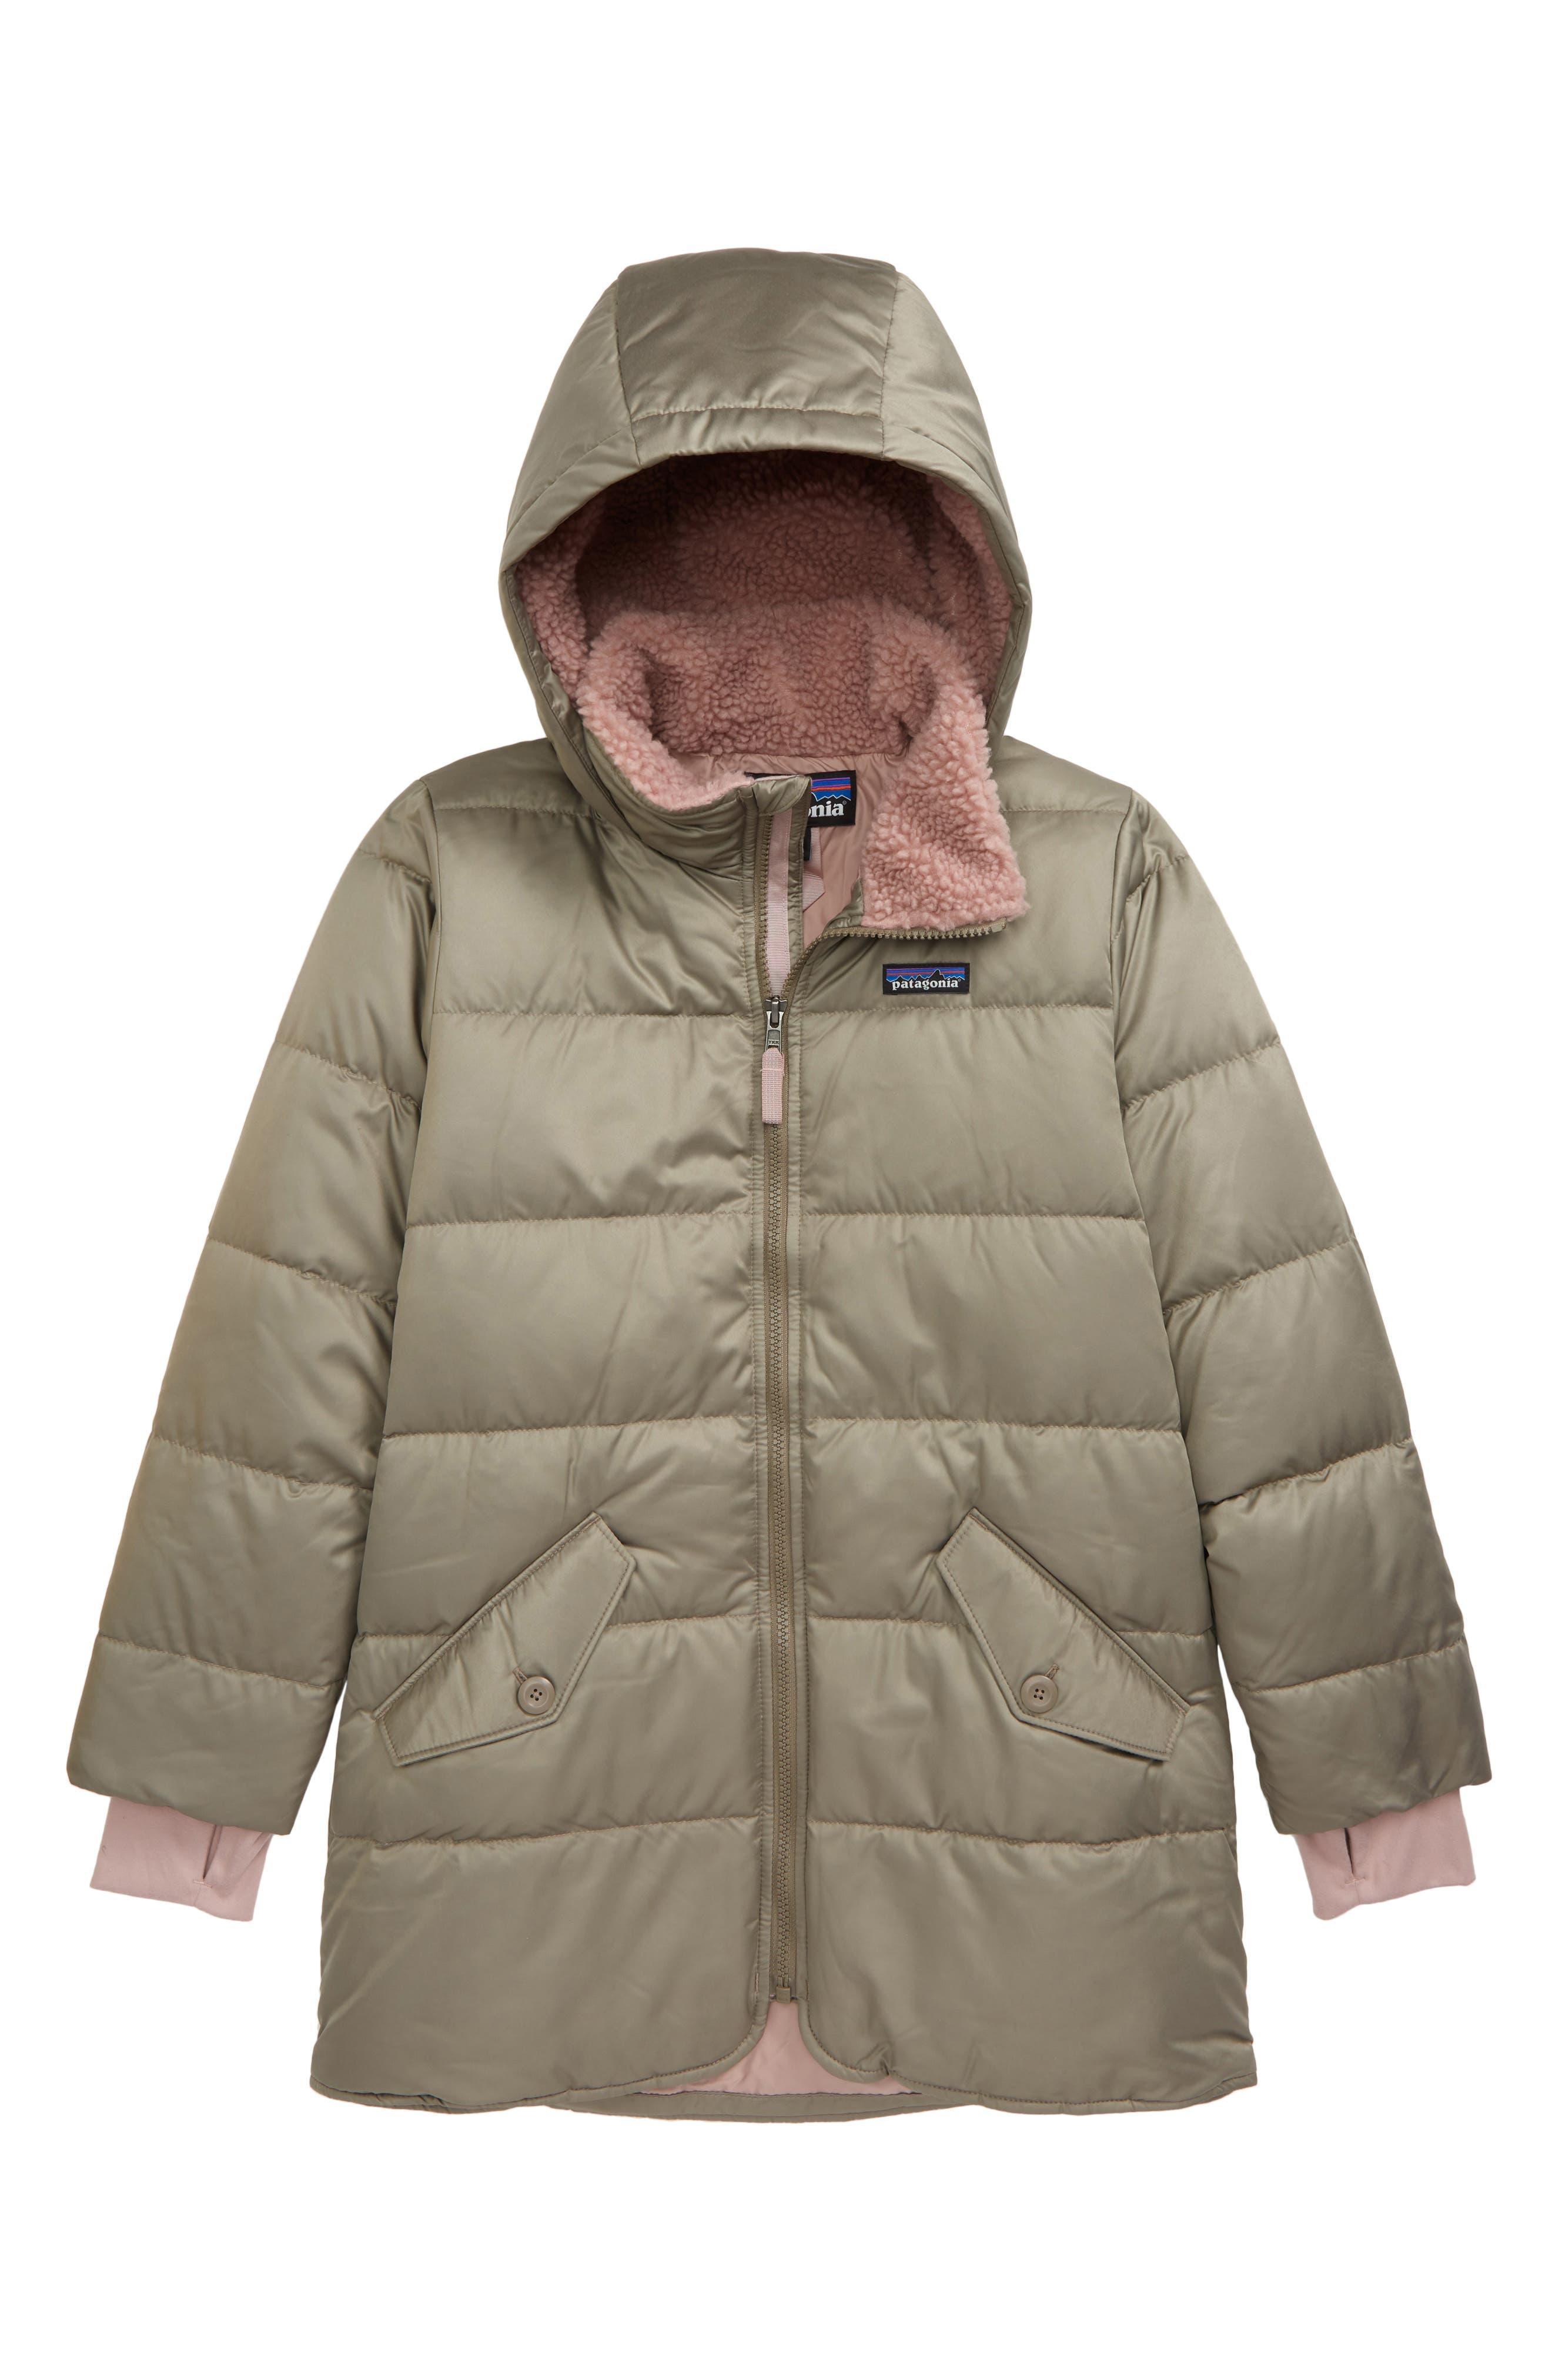 LUPILU Waterproof Girls Jacket Coat Hooded  NAVY ~12-24 Months 86//92 cm ~ NEW